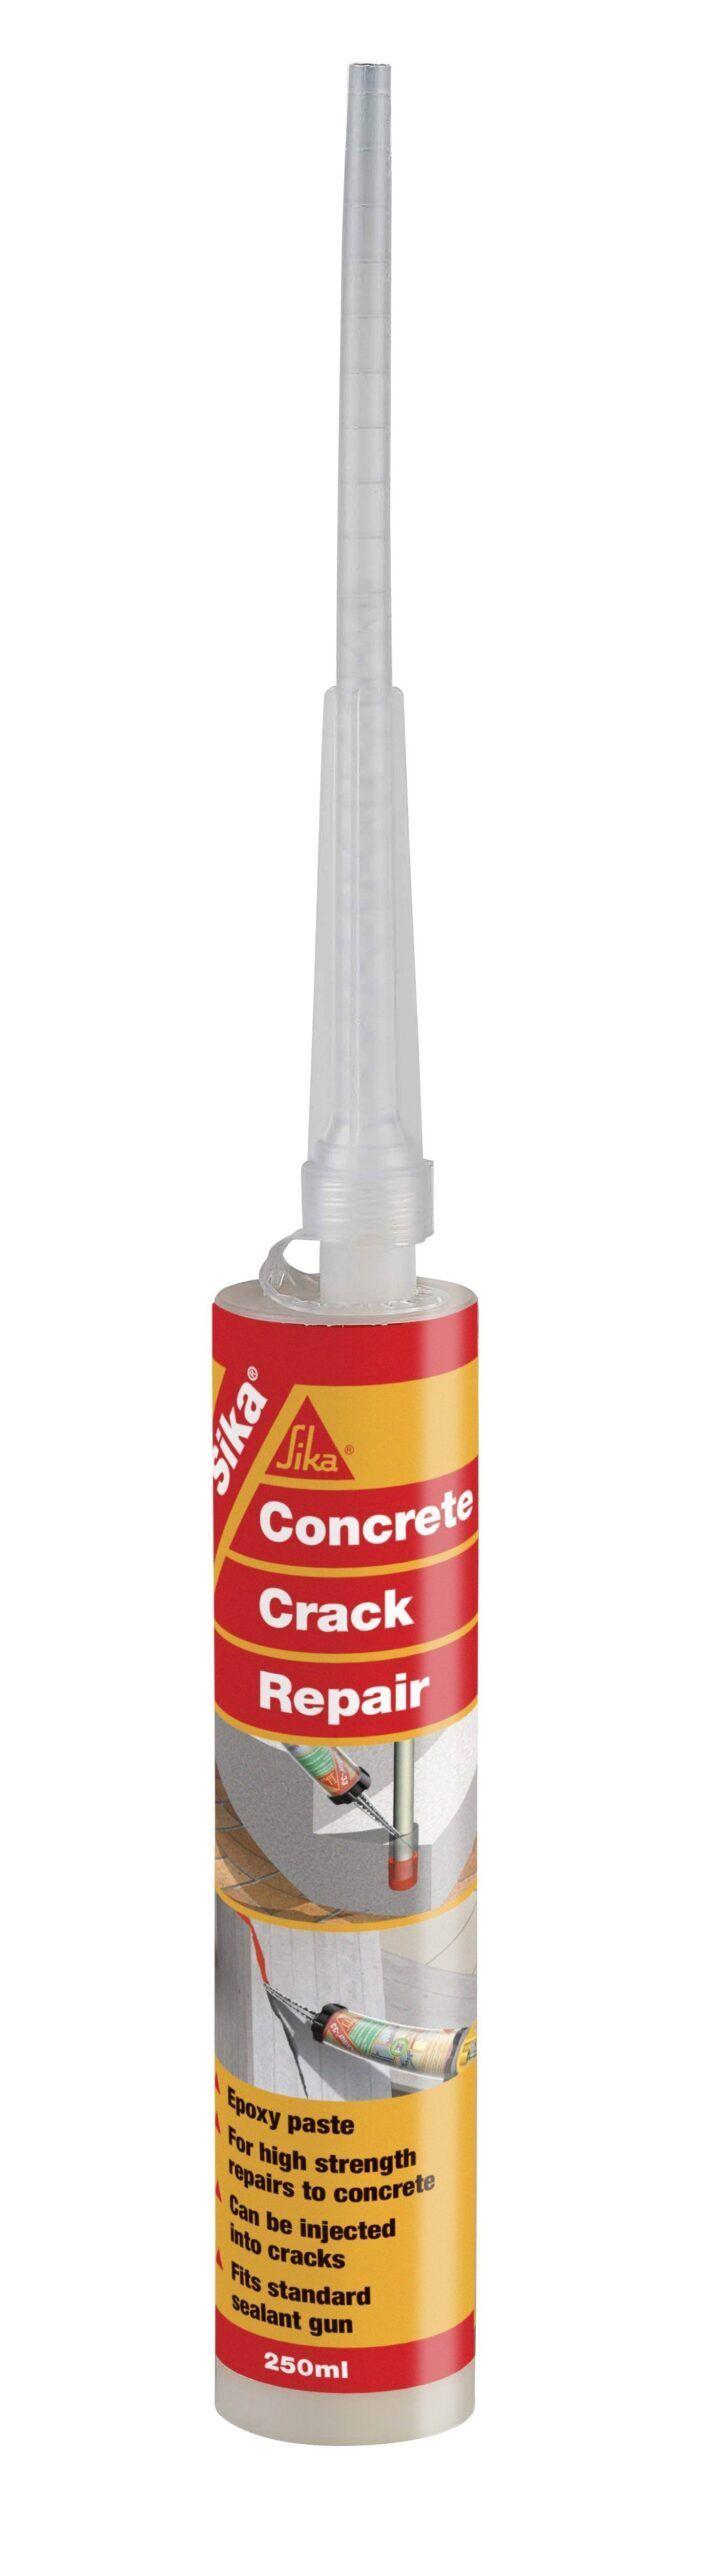 Sika Concrete Crack Repair 250ml